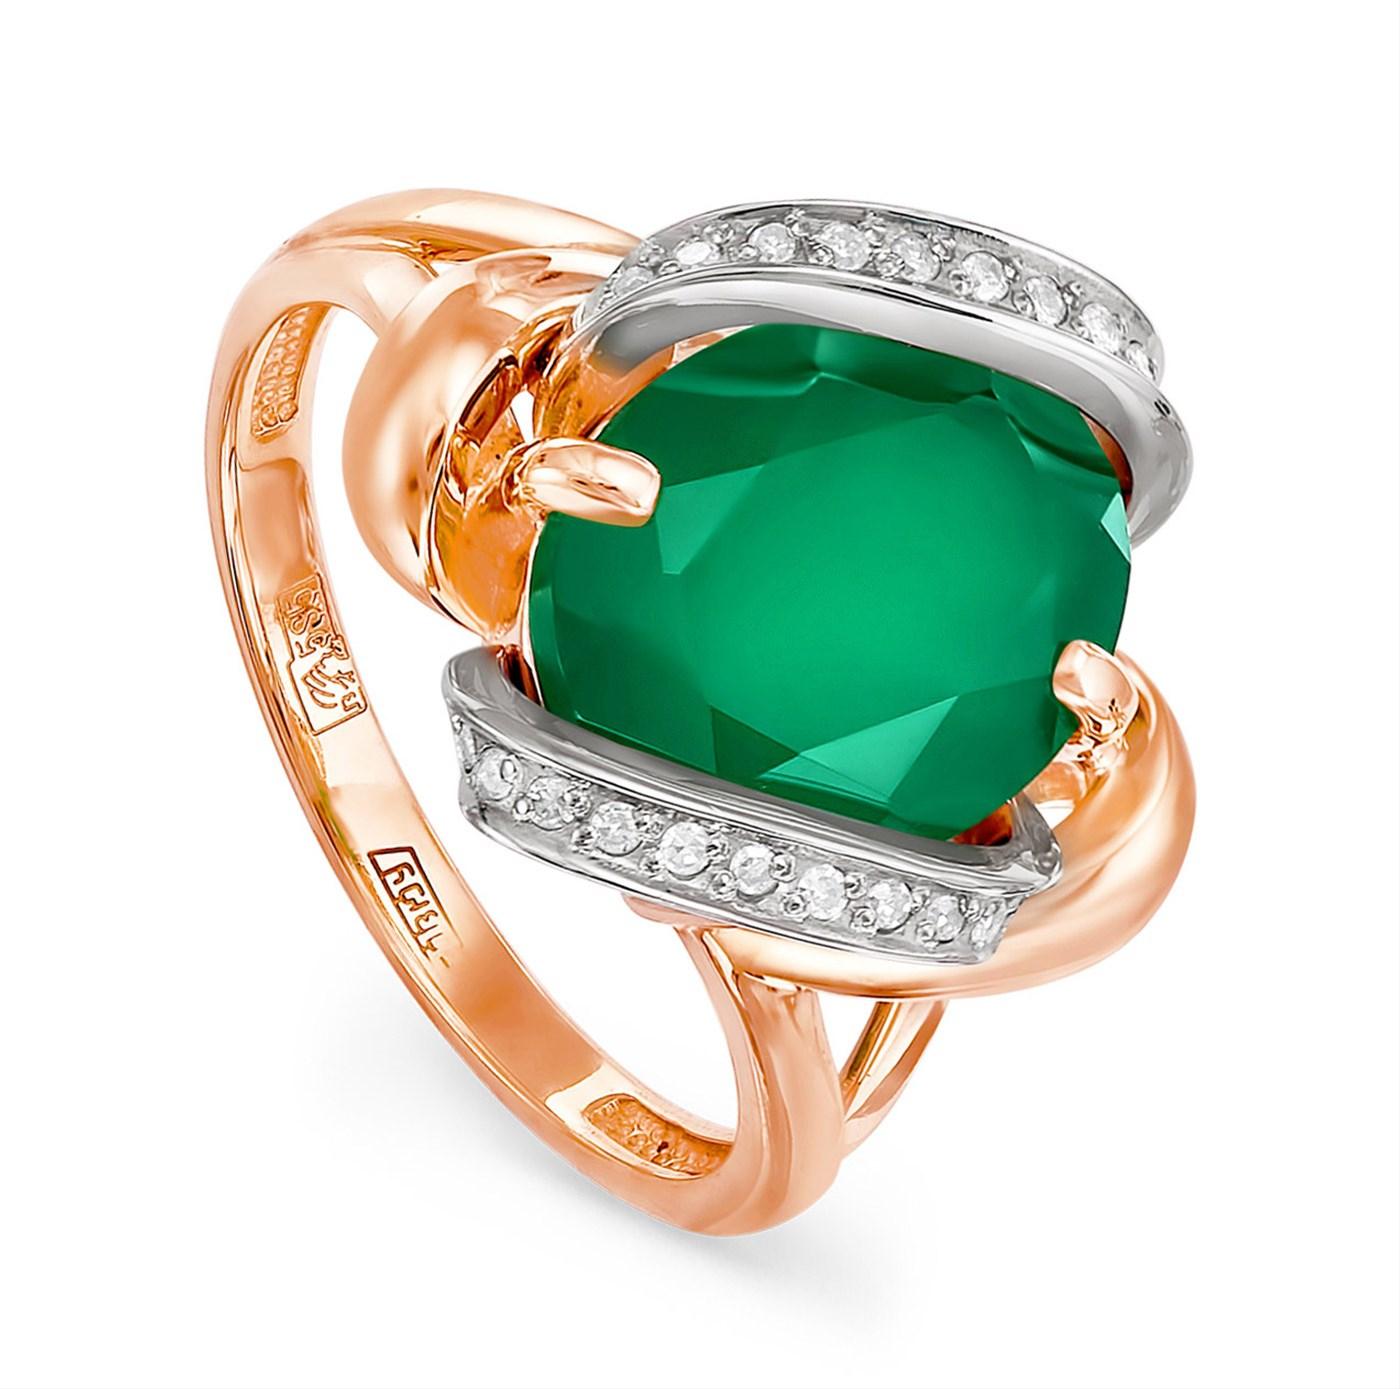 Золотое кольцо Бриллиант и Оникс арт. 11-0508-1900 11-0508-1900